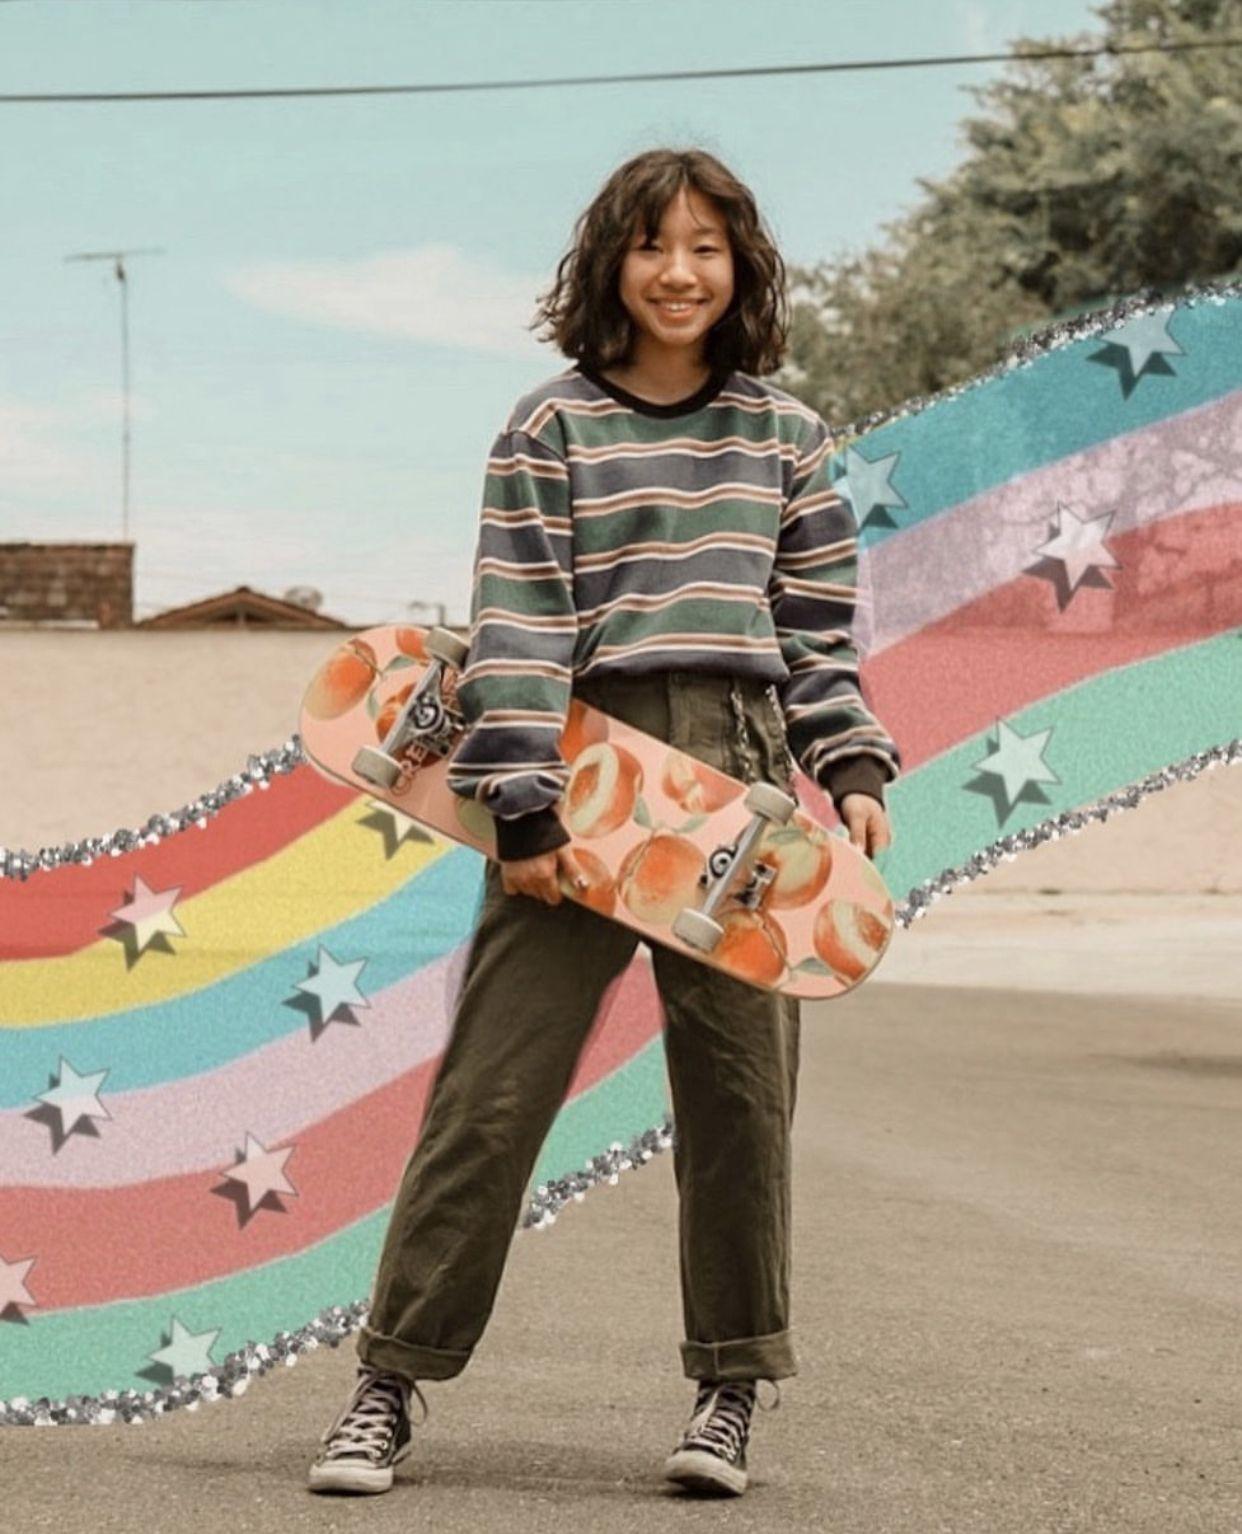 🖤lonerhijabi🖤 in 2020 | Skater girl outfits, Fashion inspo